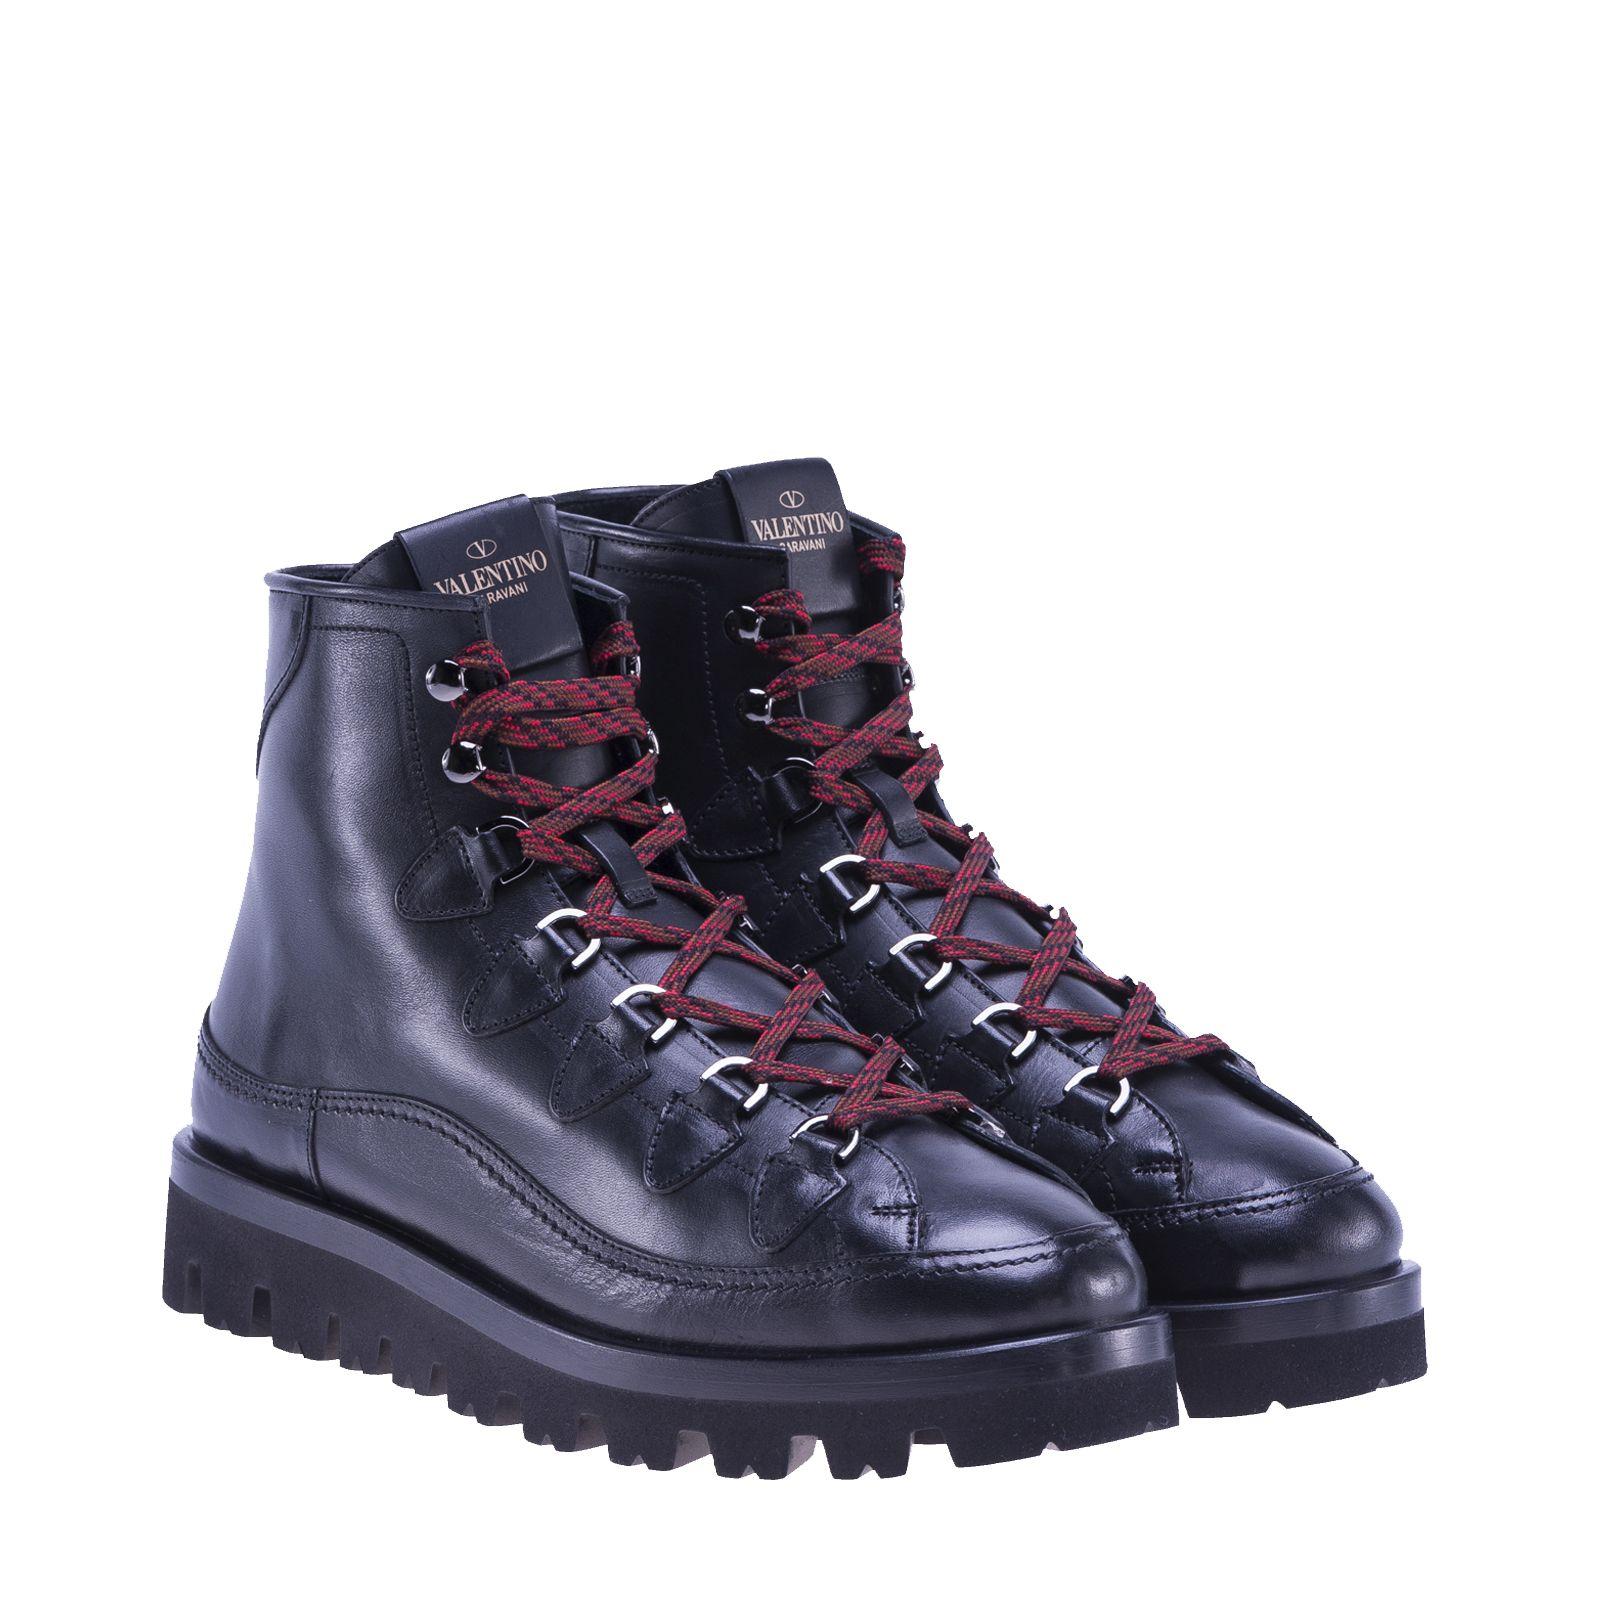 Valentino Garavani City Trekking Boot